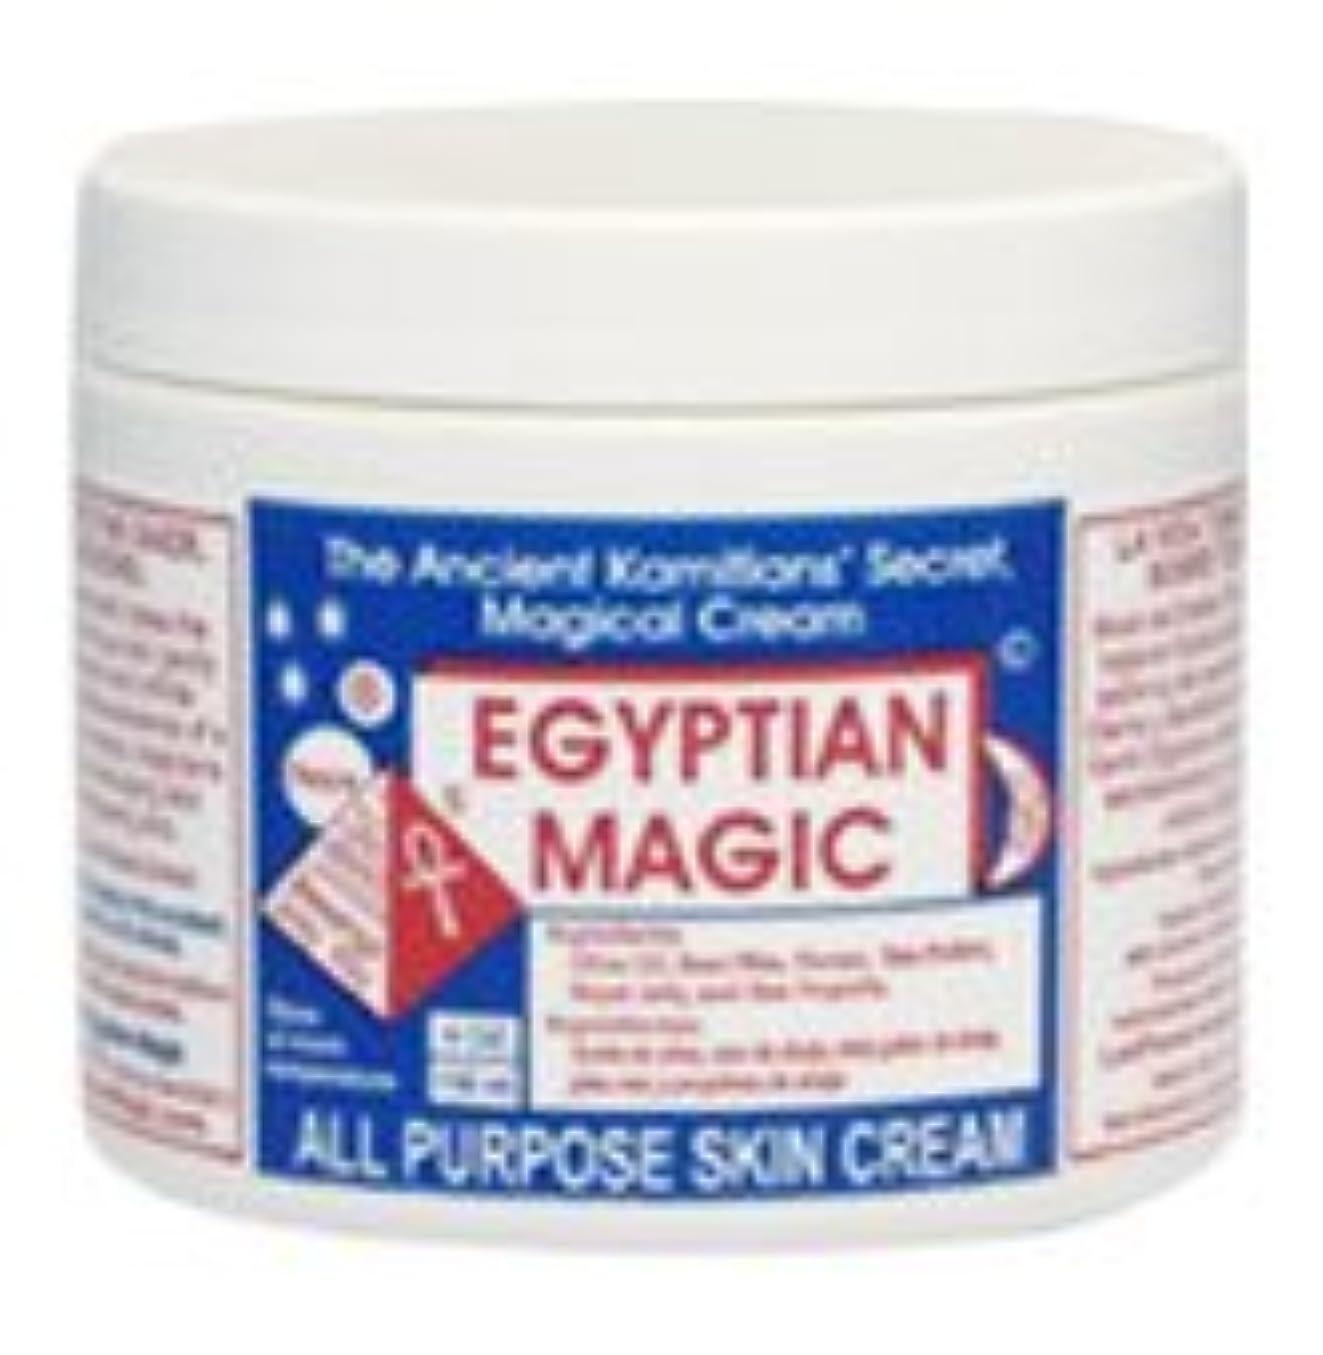 仕立て屋謎悪質な【EGYPTIAN Magic(エジプシャン マジック)】 EGYPTIAN MAGIC CREAM マジック クリーム 118ml